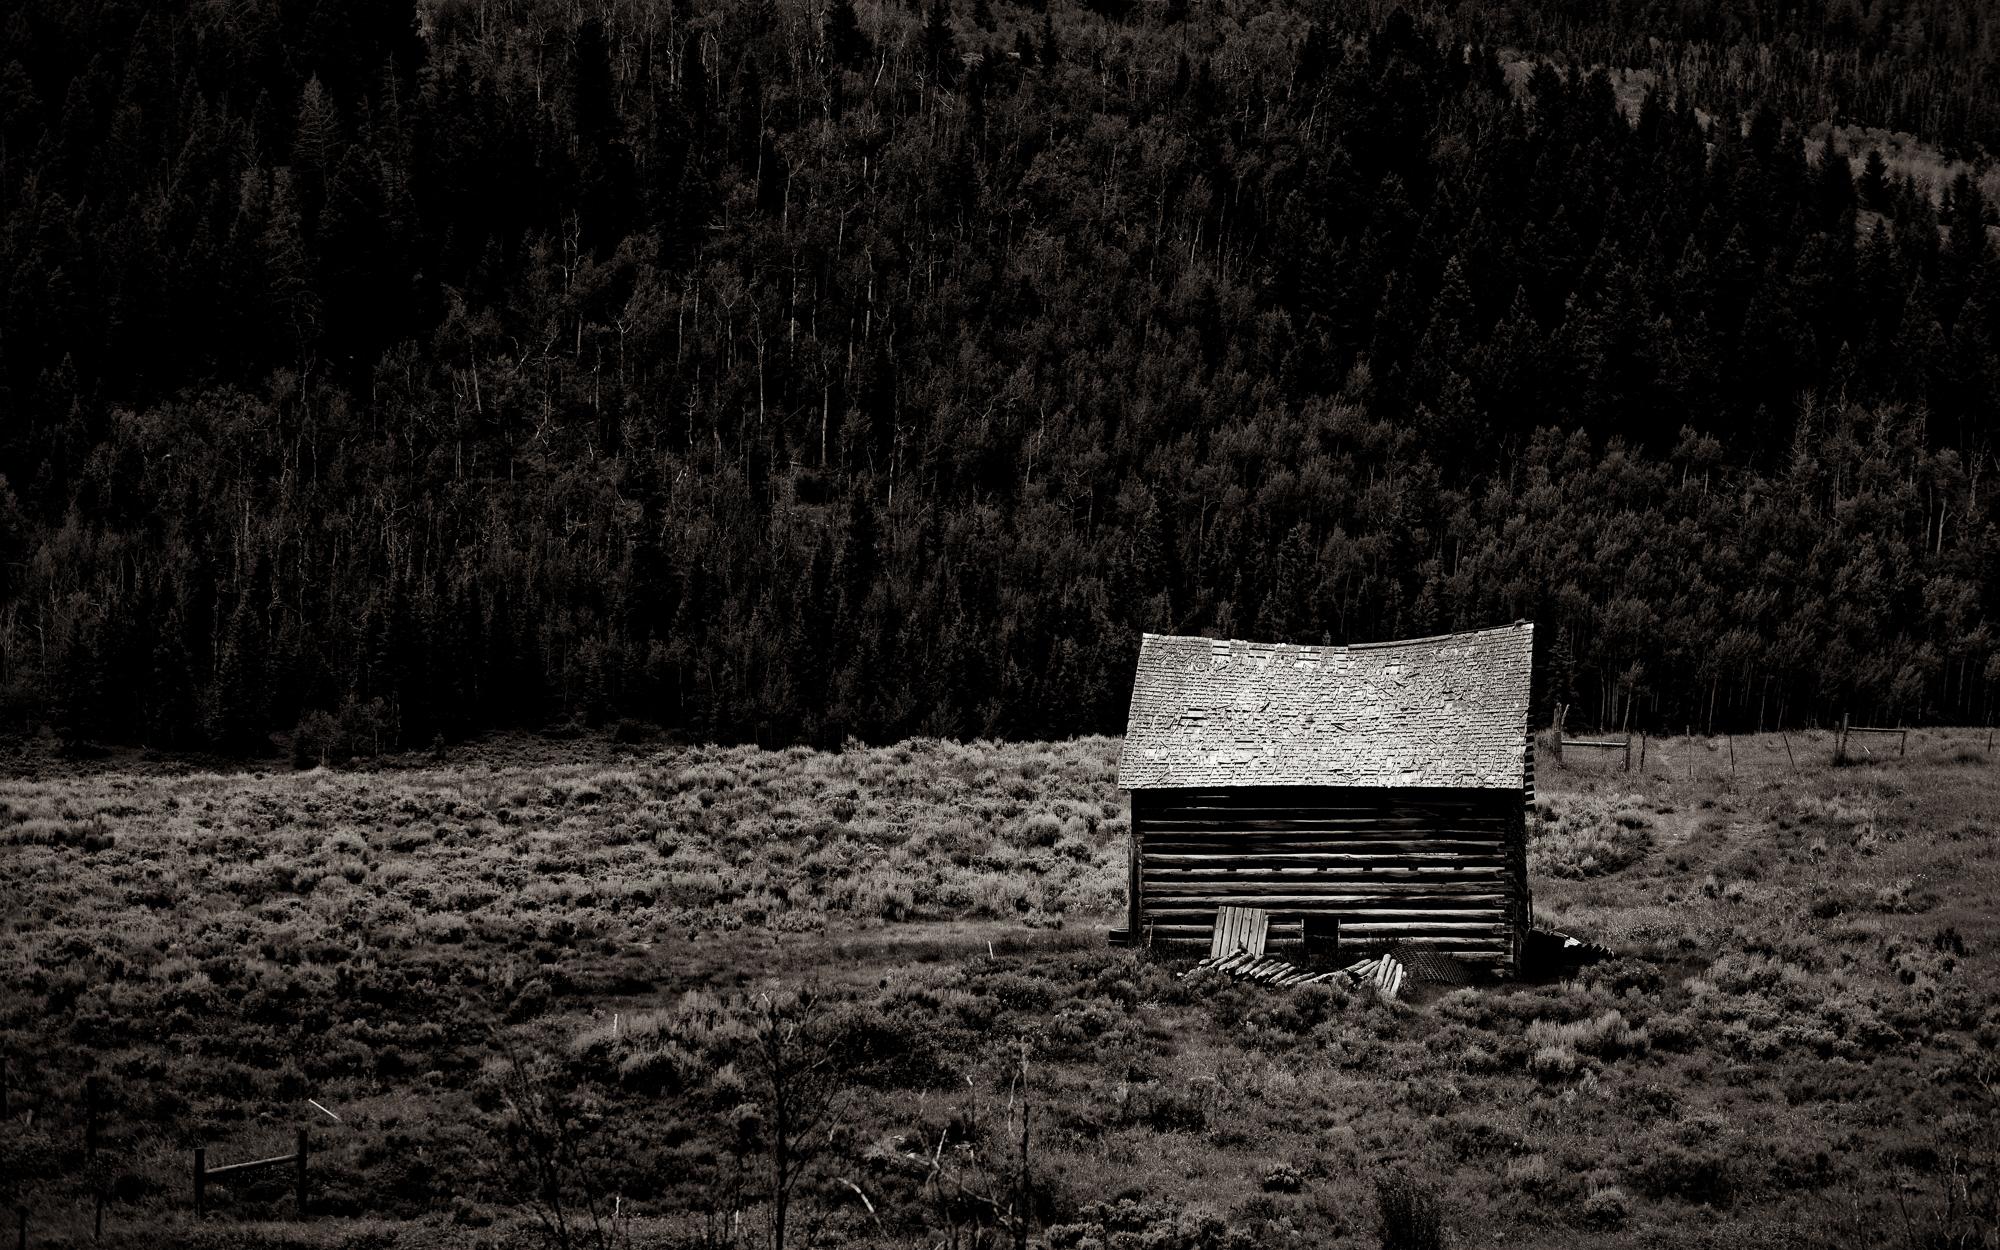 Moonlight Cabin 1